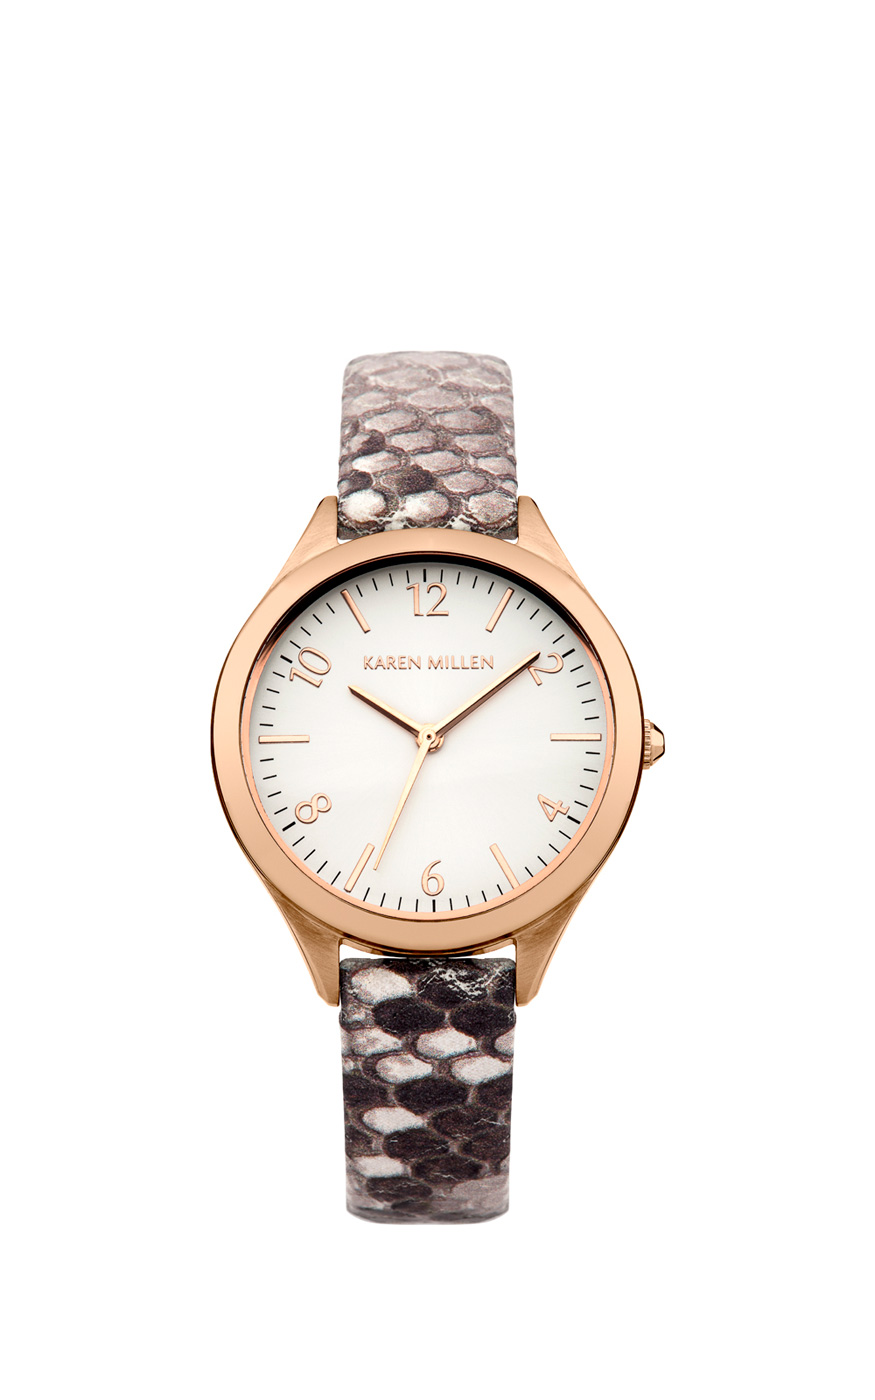 Karen Millen Python Effect Leather Watch